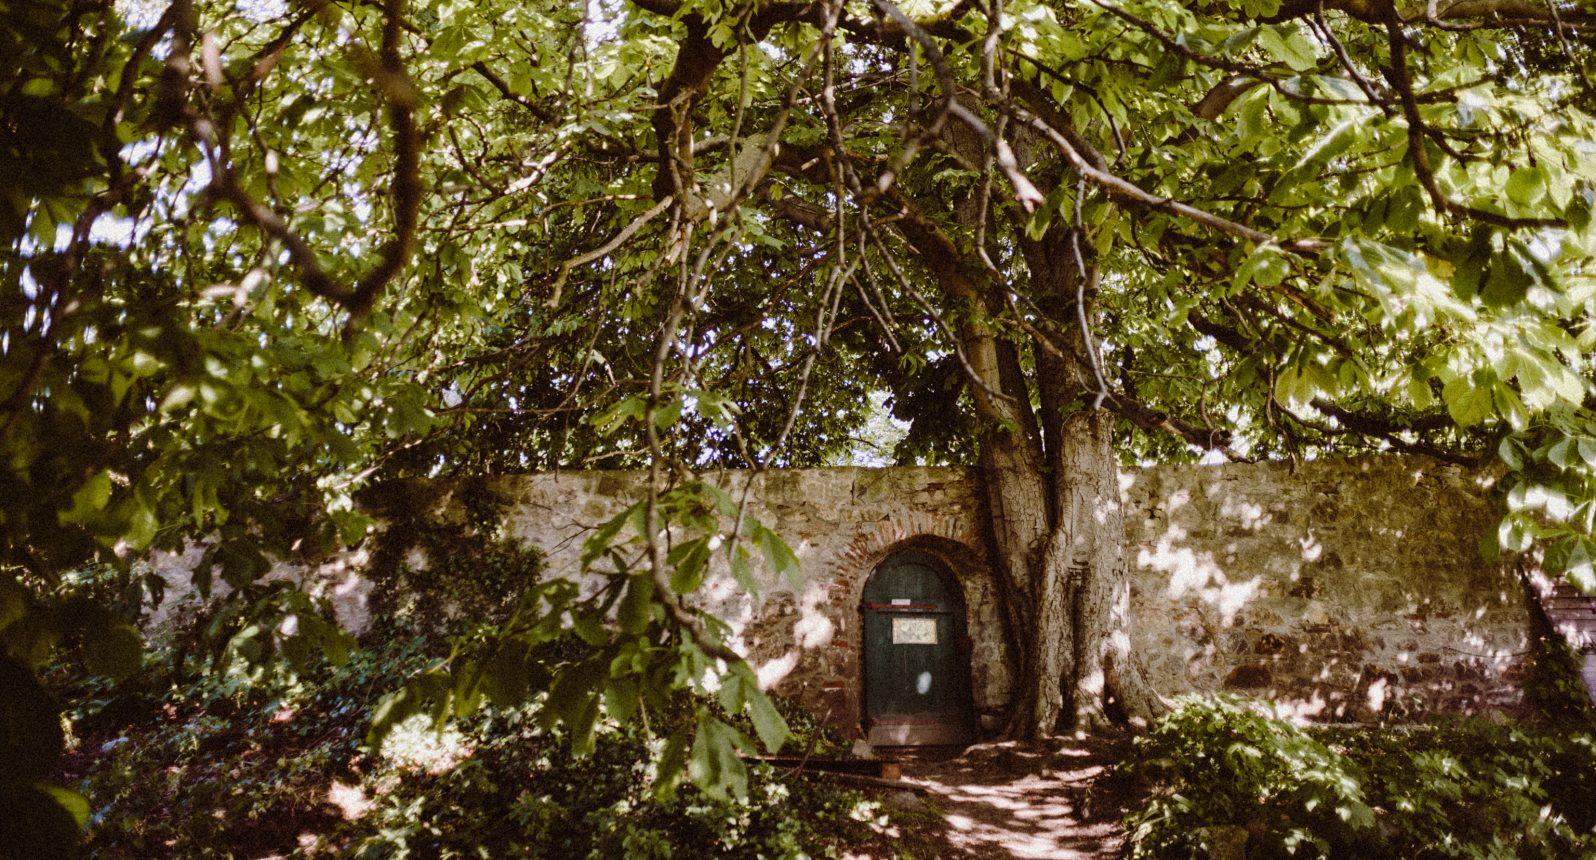 Tür in der Stadtmauer in Ballenstedt